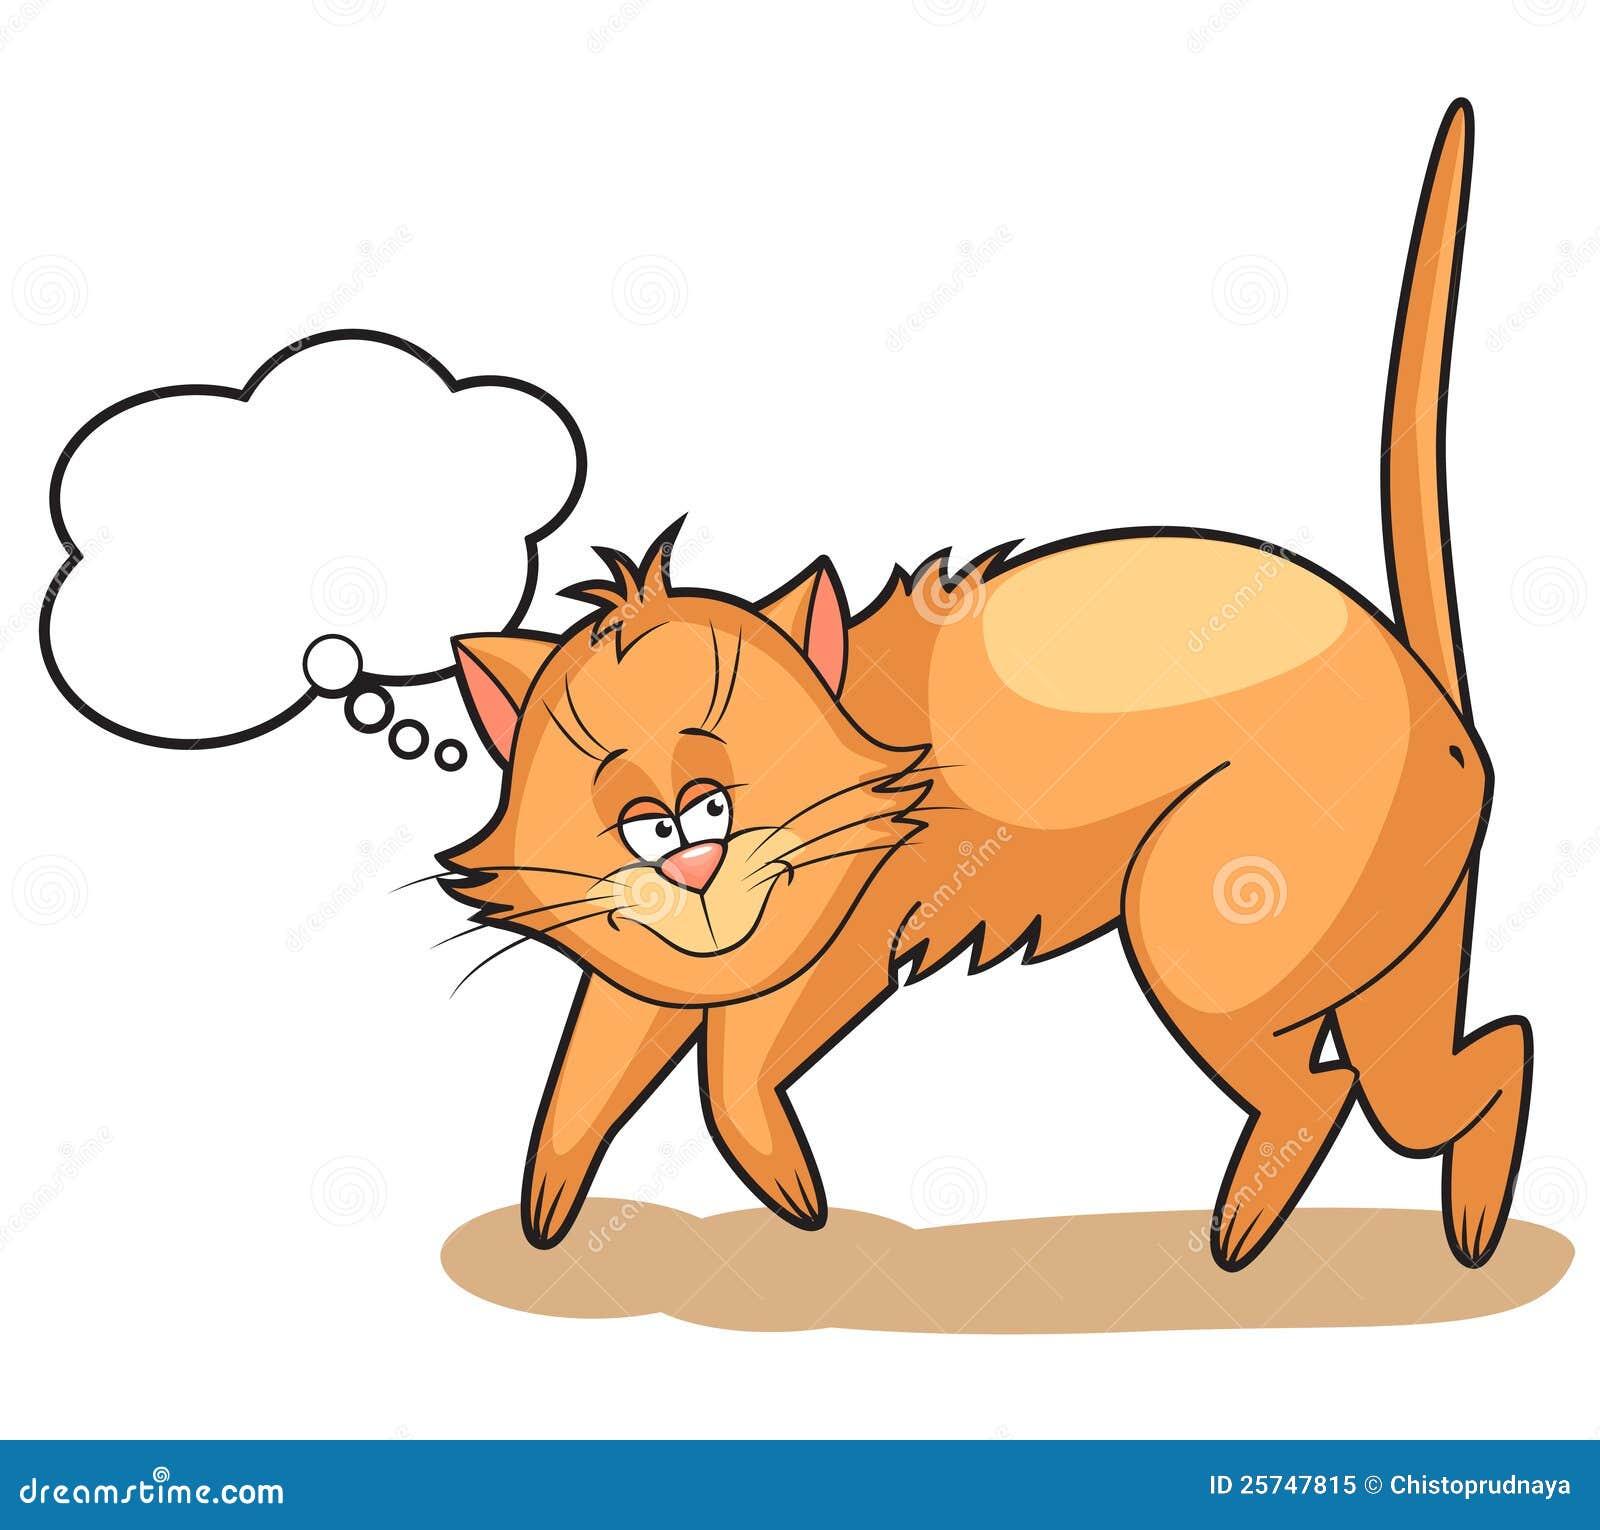 Cute cartoon Cat dreams